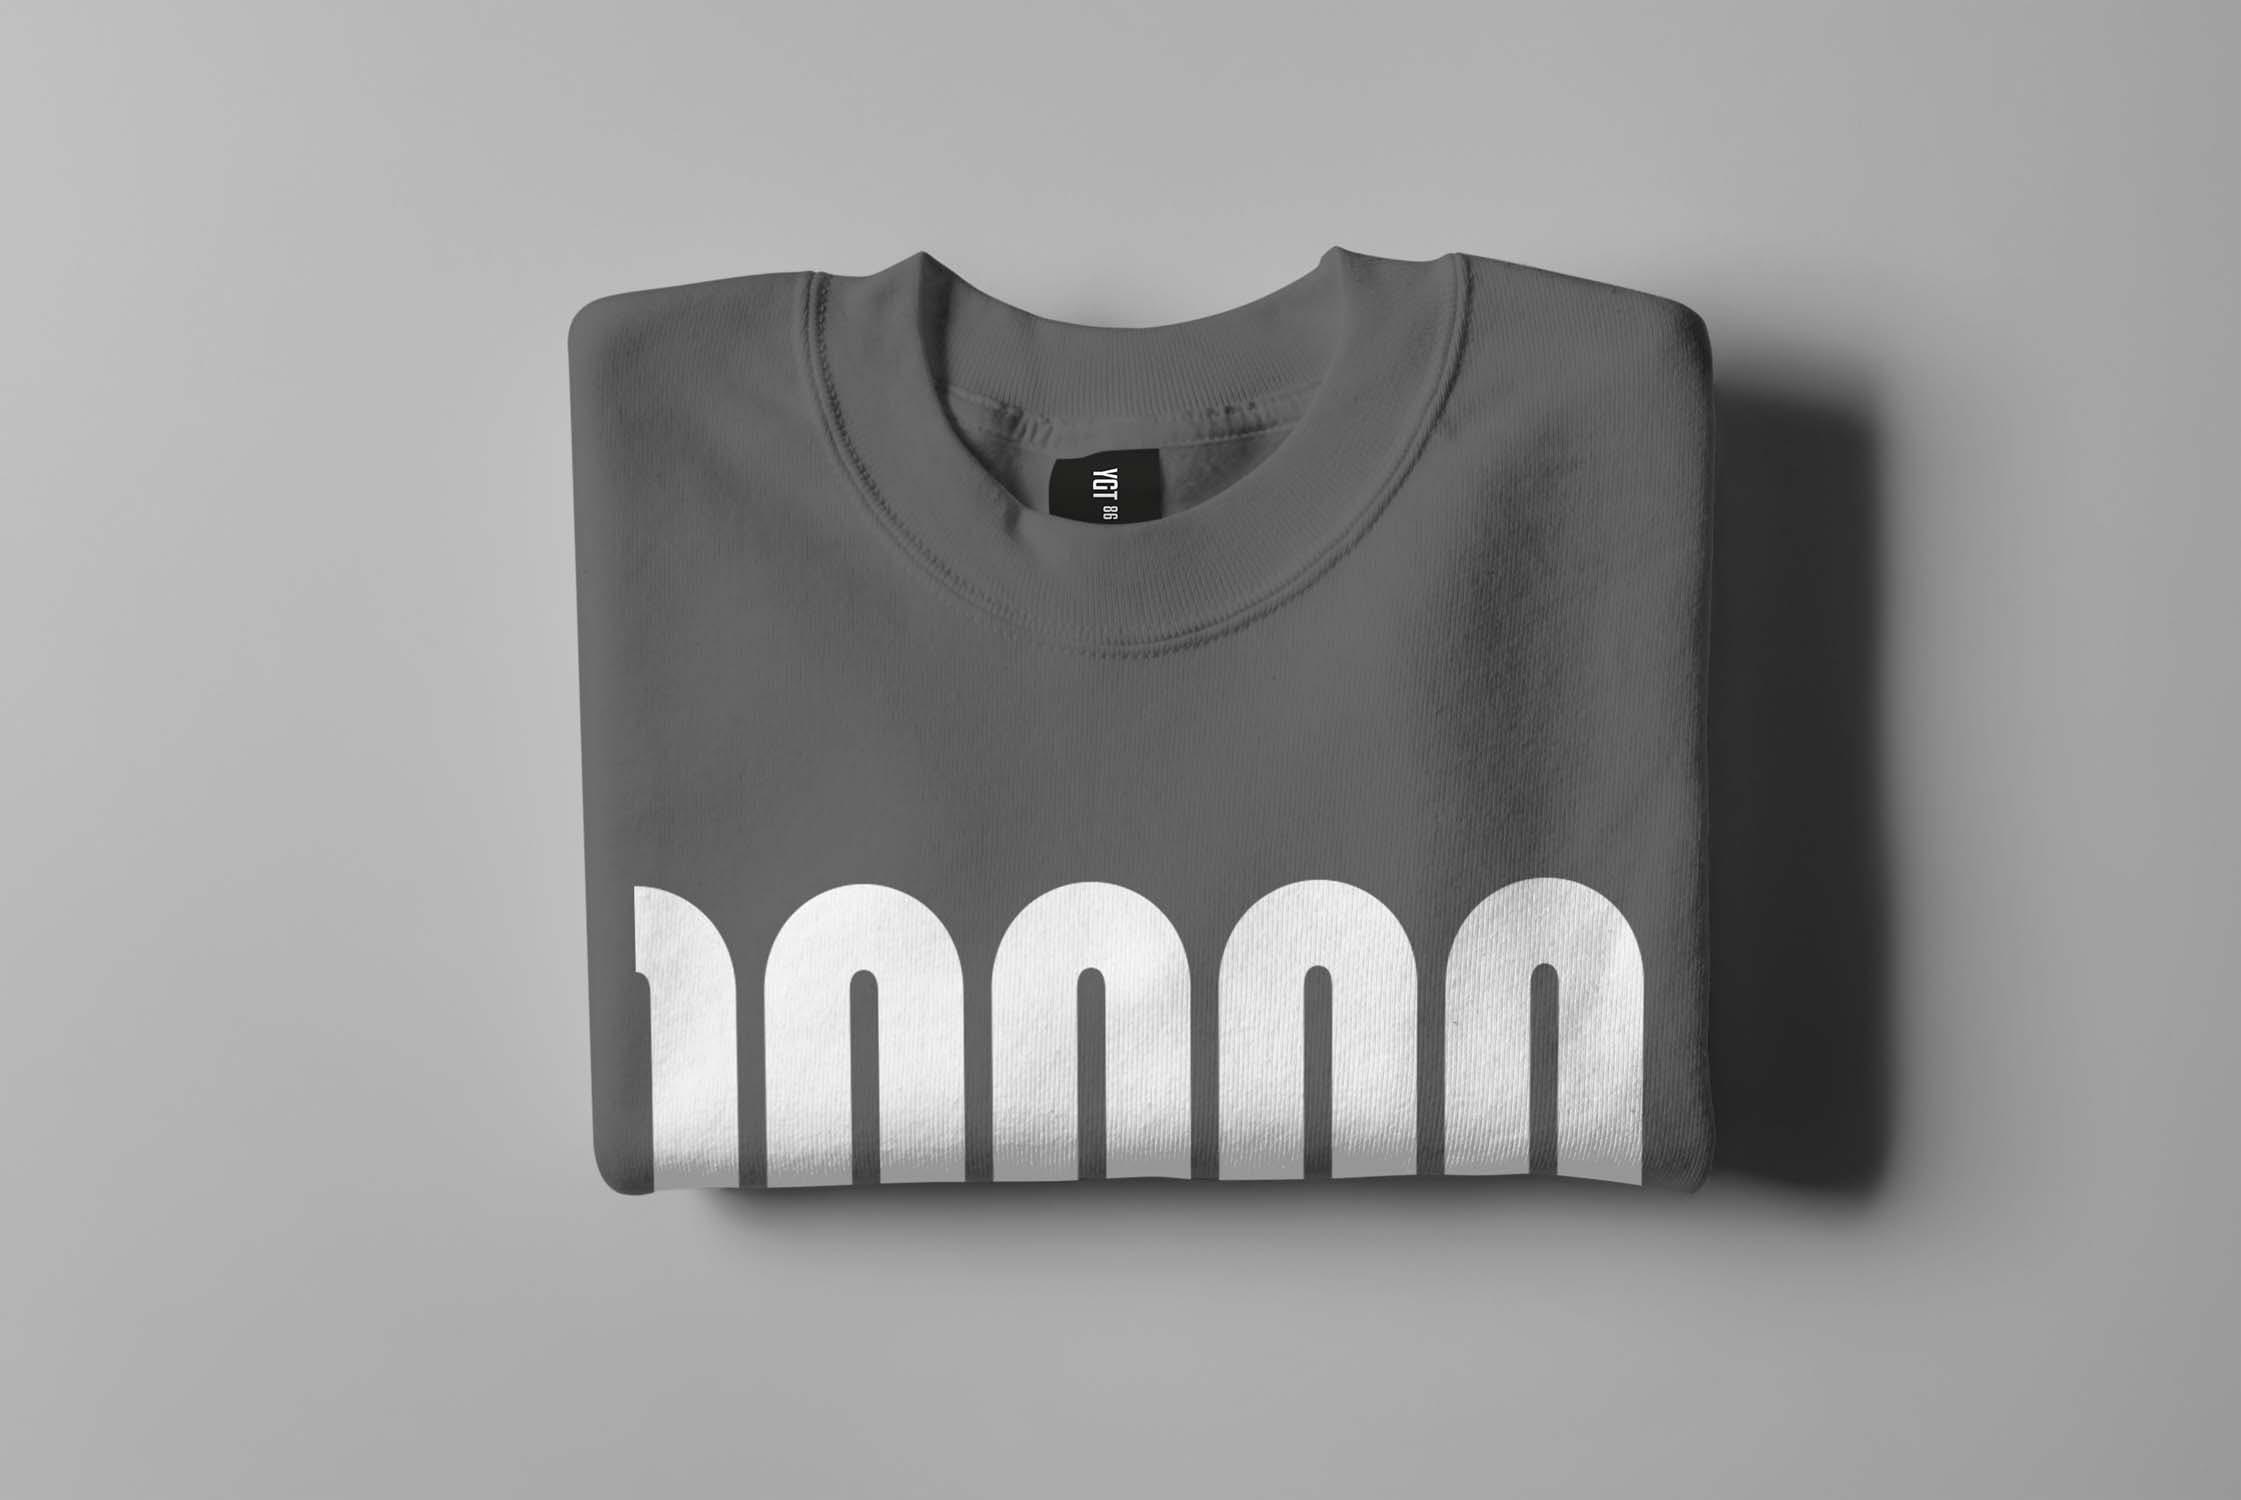 6款圆领毛衣印花设计展示样机模板 Crewneck Sweater Mockup插图(5)